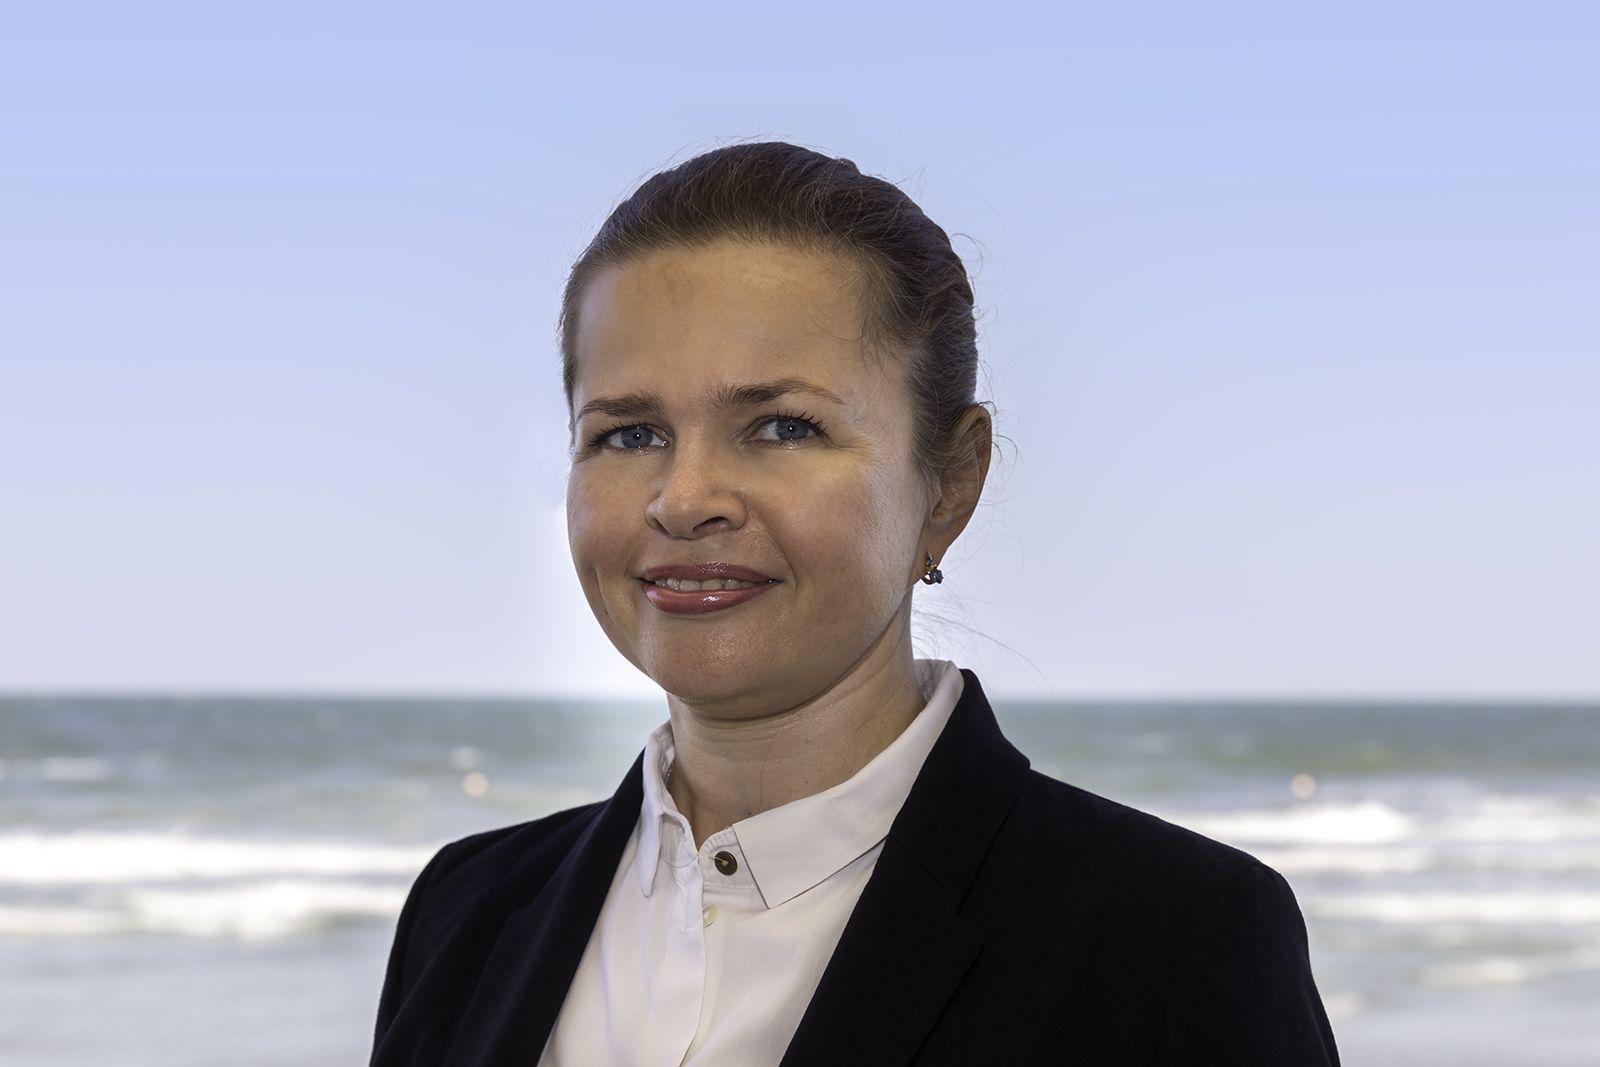 Nataliia Denysiuk